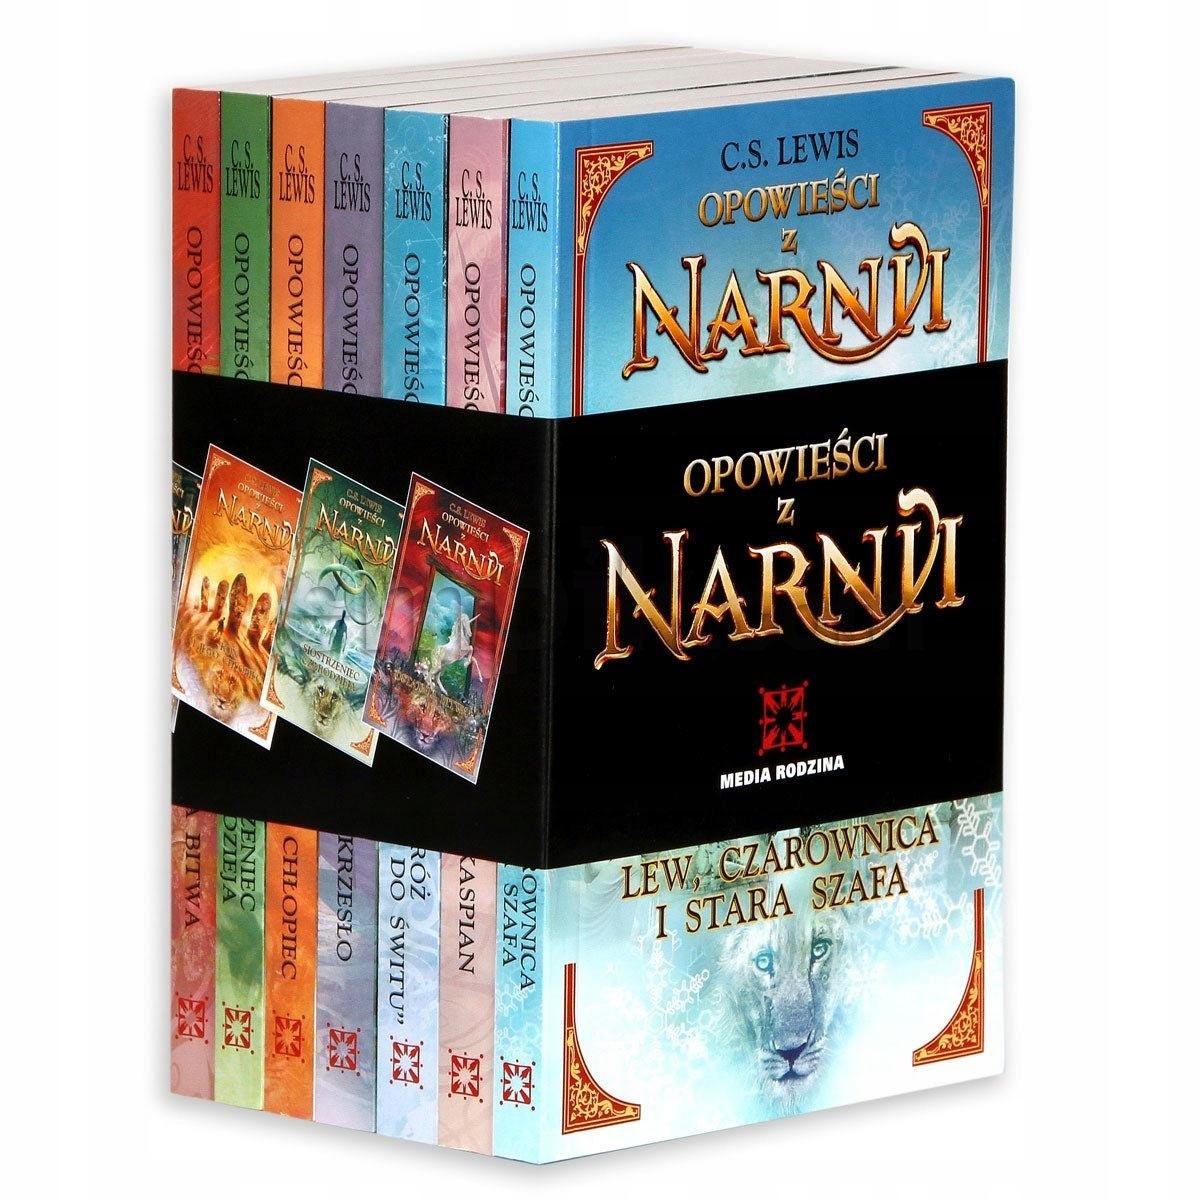 Opowiesci Z Narnii Pakiet 7 Ksiazek Tomy 1 7 79 Zl Allegro Pl Raty 0 Darmowa Dostawa Ze Smart Pamiatkowo Stan Nowy Id Oferty 7639948426